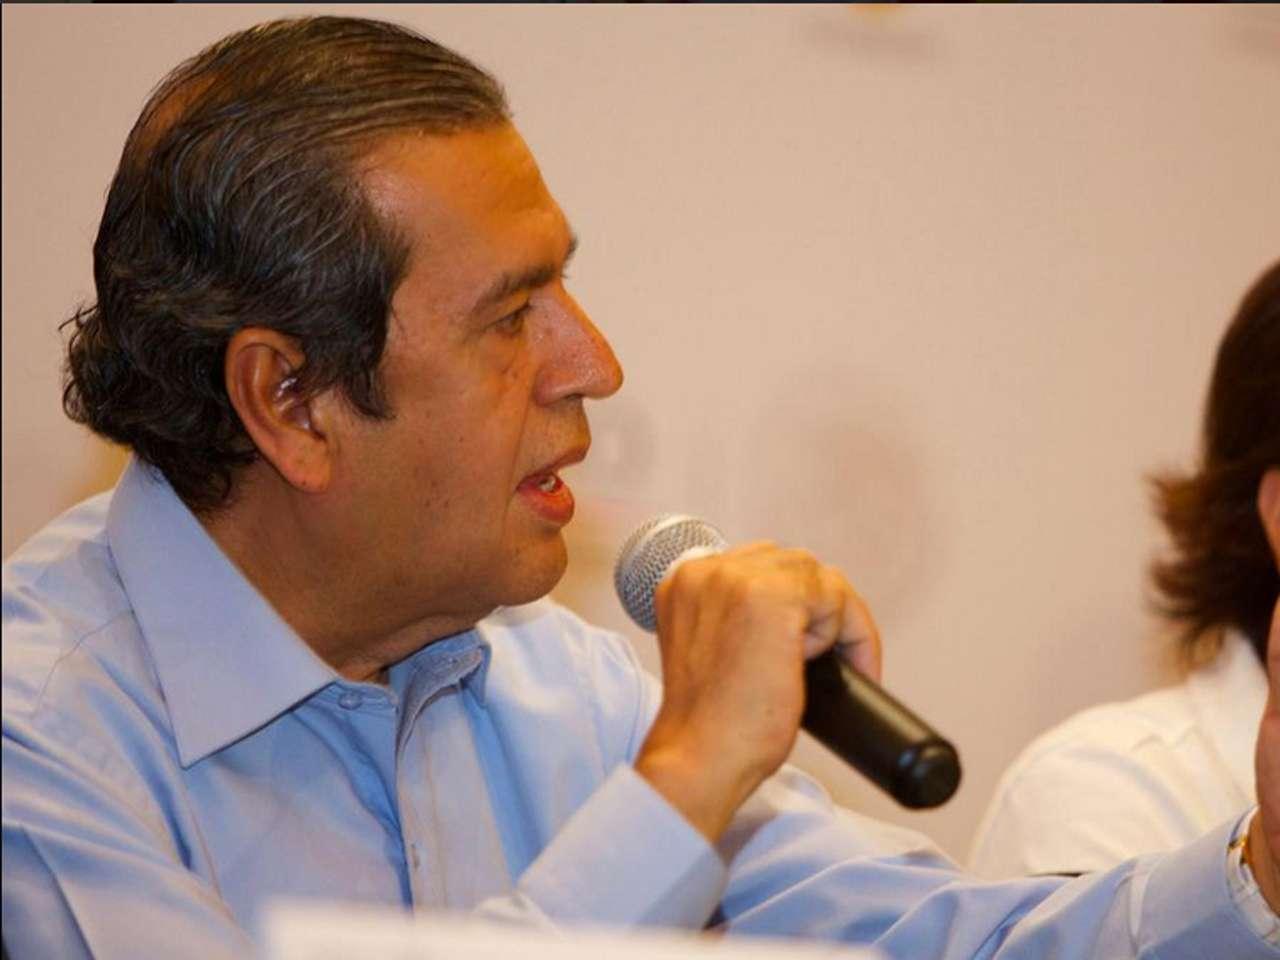 La versión de otro secuestro masivo de una treintena de adolescentes en Cocula, Guerrero, que dio a conocer la televisión francesa, fue confirmada por el Gobernador de Guerrero, Rogelio Ortega. Foto: @GobOrtega